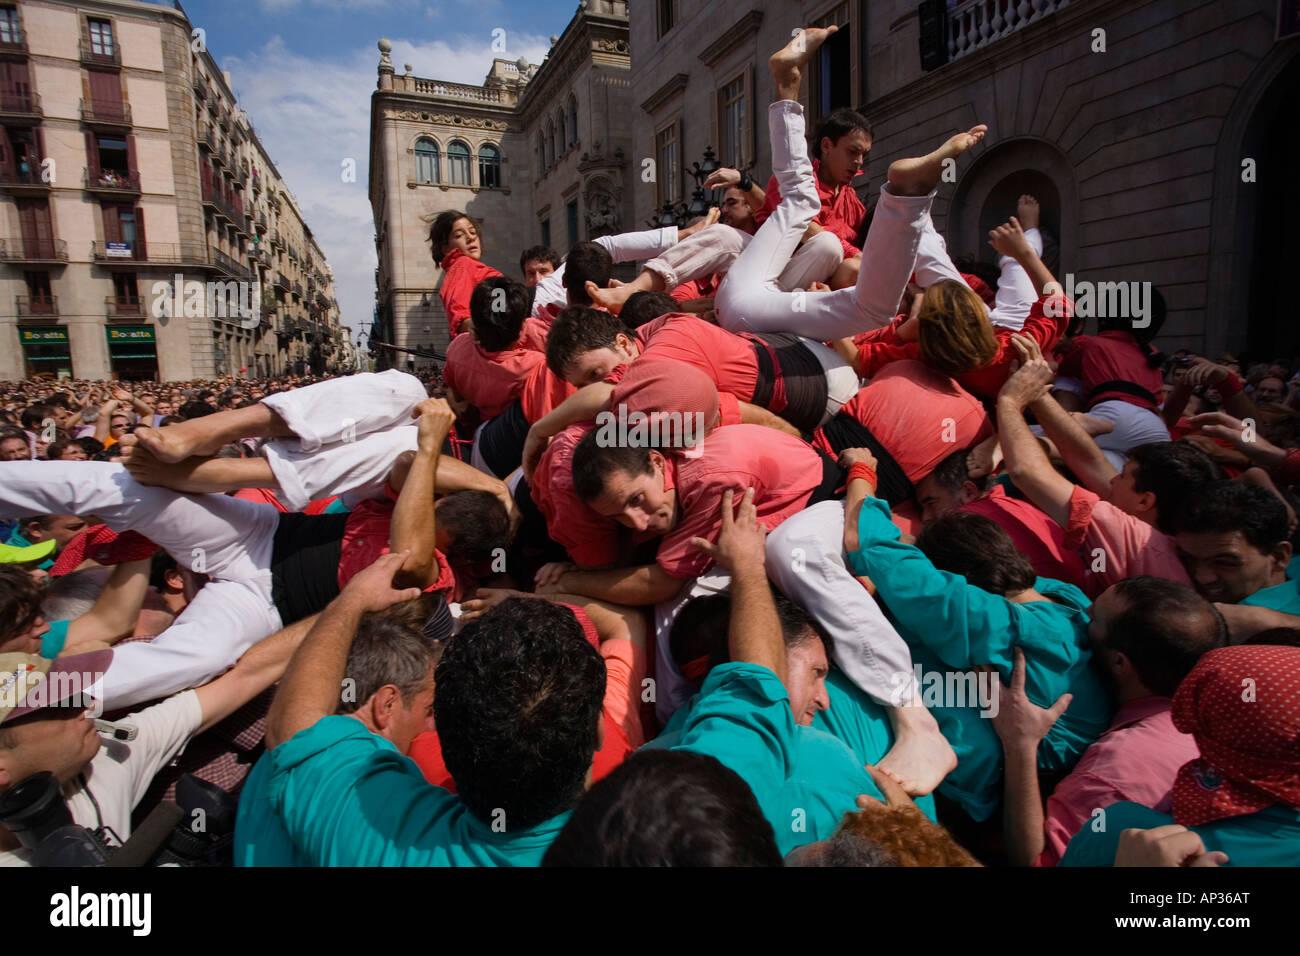 Les Castellers, tour, Festa de la Merce, city festival, septembre, Plaça de Sant Jaume, Barri Gotic, Ciutat Vella, Barcelone, Banque D'Images